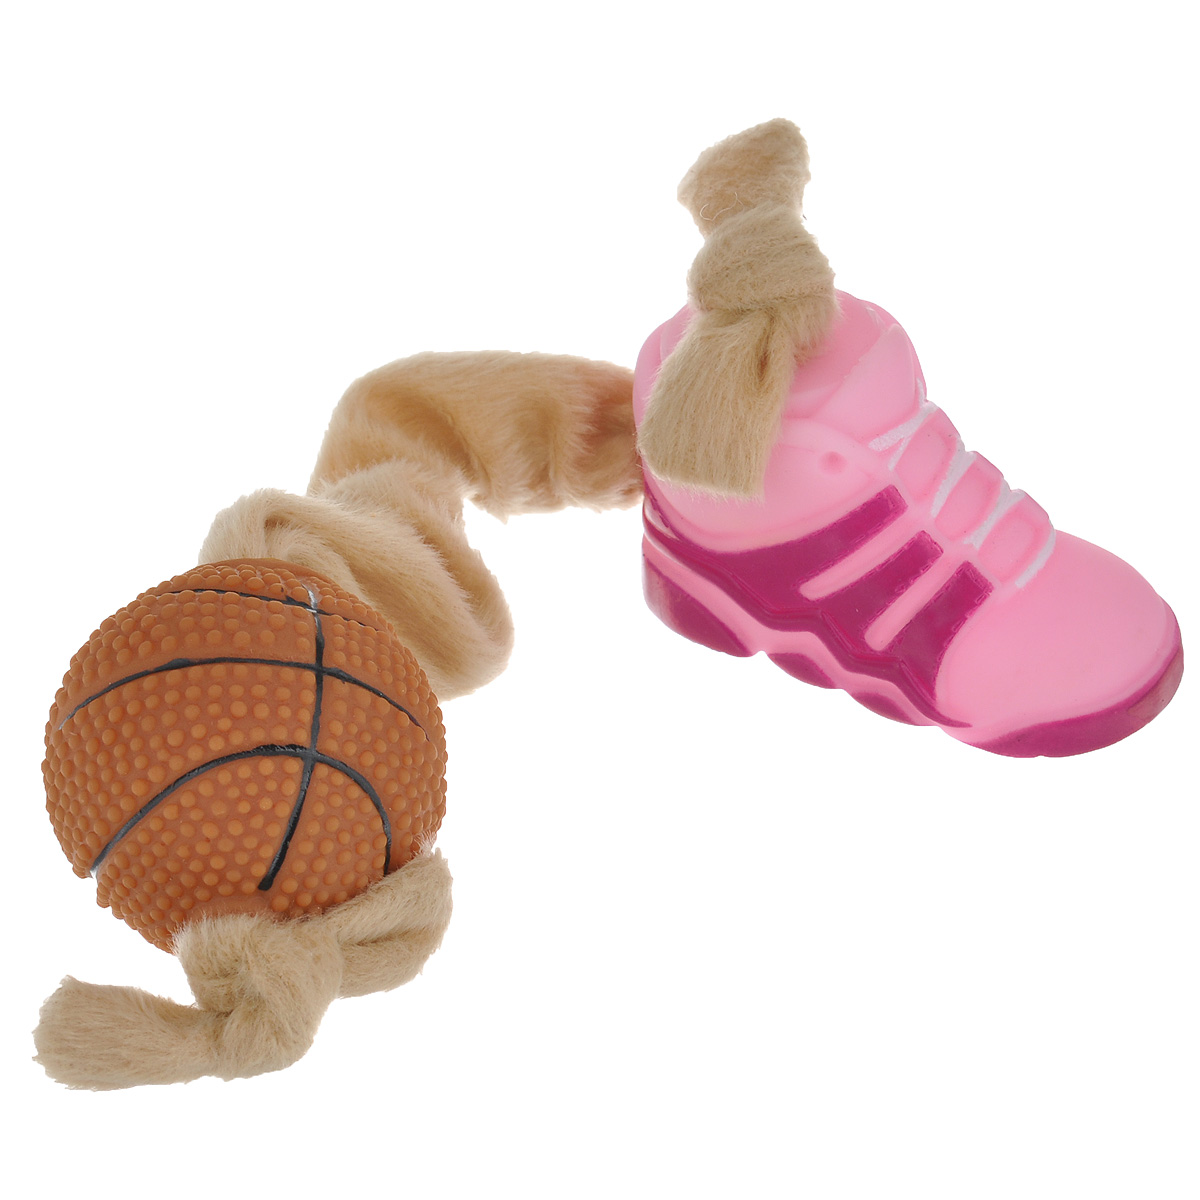 Игрушка для собак I.P.T.S. Ботинок и мяч, цвет: розовый, бежевый16269/620166Игрушка I.P.T.S. Ботинок и мяч, изготовленная из текстиля и резины, выполнена в виде мяча с одной стороны и ботинка с другой. Эластичная веревка позволяет собаке активно играть. Такая игрушка не навредит здоровью вашего питомца и увлечет его на долгое время.Общая длина игрушки: 24-32 см. Диаметр мяча: 5 см. Размер ботинка: 7,5 см х 4 см х 5,5 см.